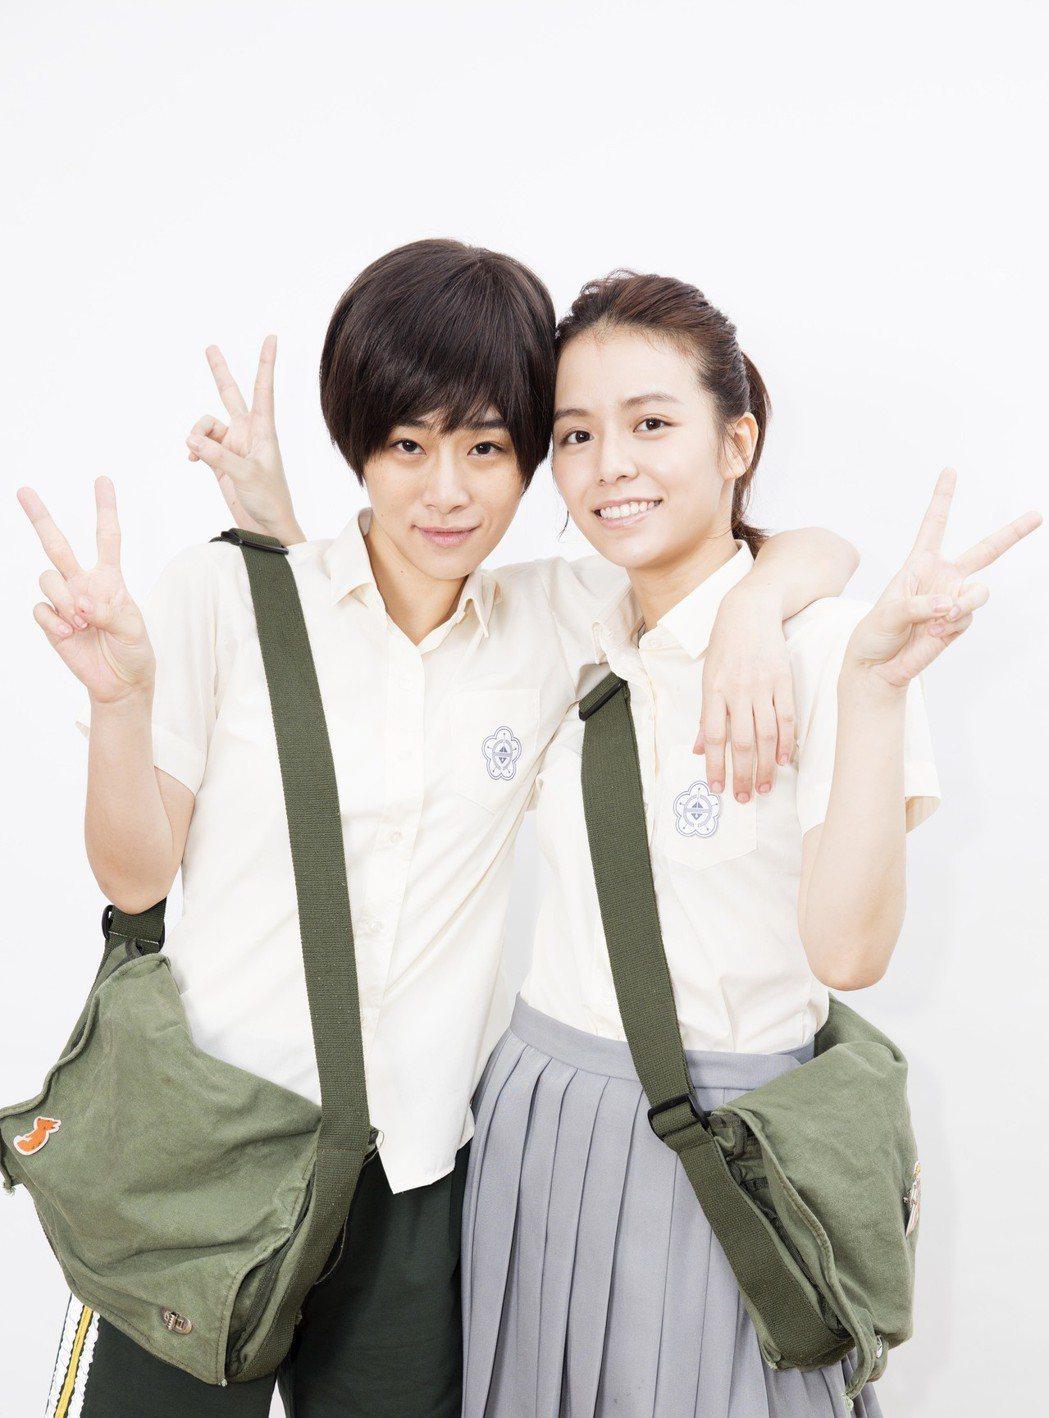 吳可熙(左)、宋芸樺飾演超越友情的閨蜜。圖/岸上影像有限公司提供